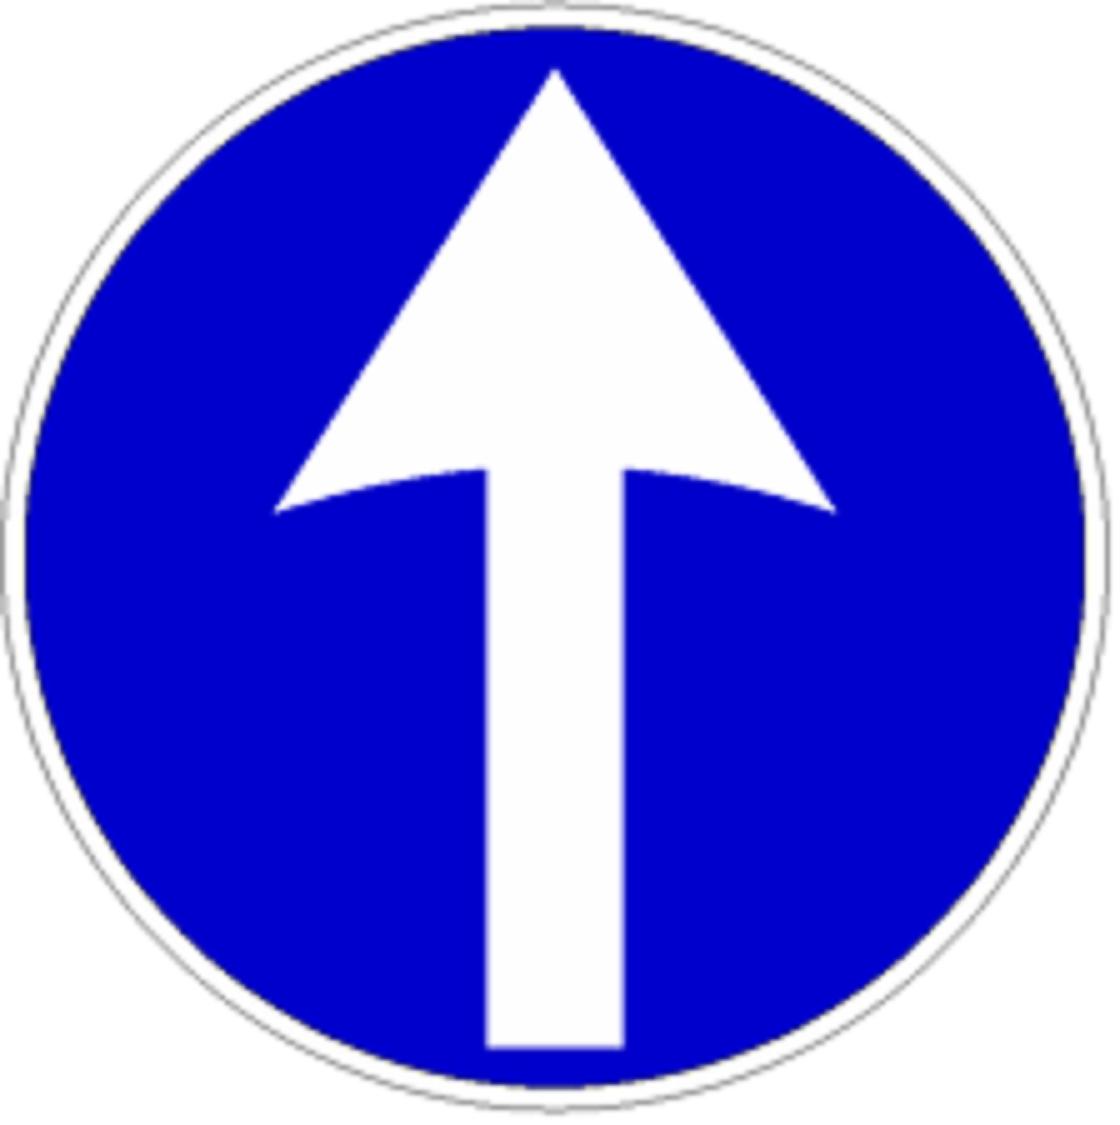 Direzione Obbligatoria Dritto - Officine Tortora